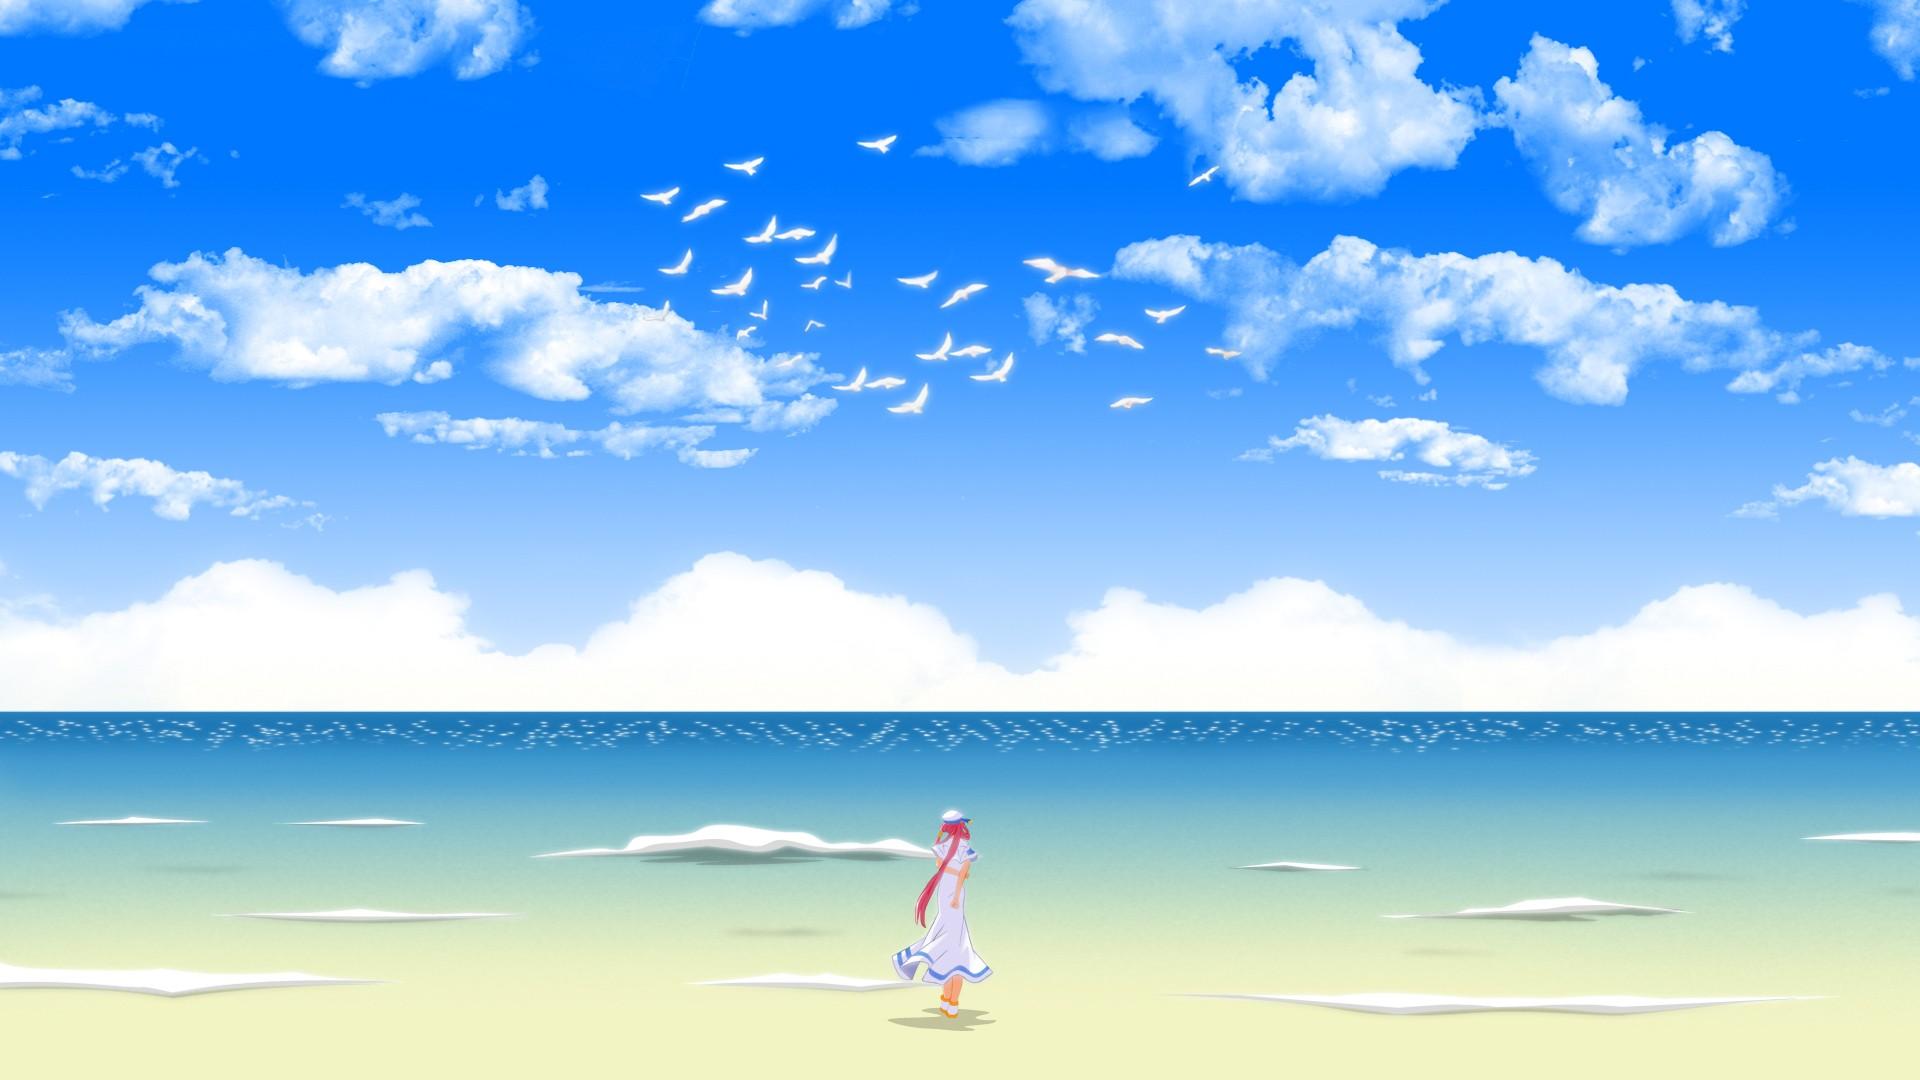 Anime Beach Pic